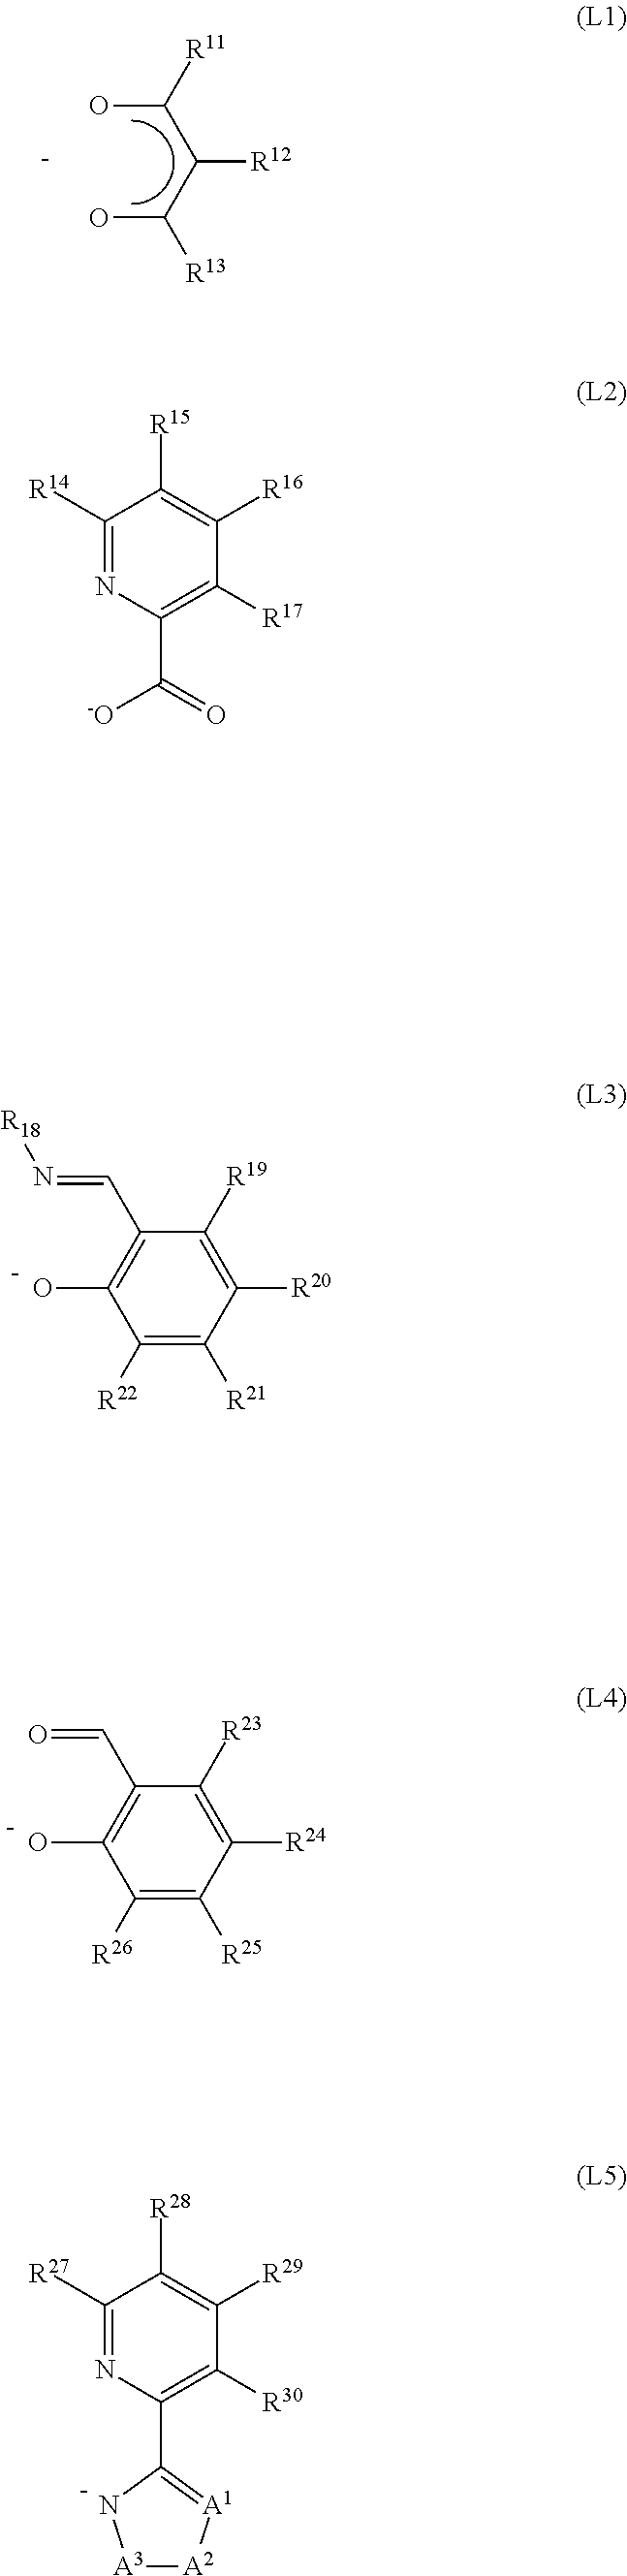 Figure US08889858-20141118-C00055